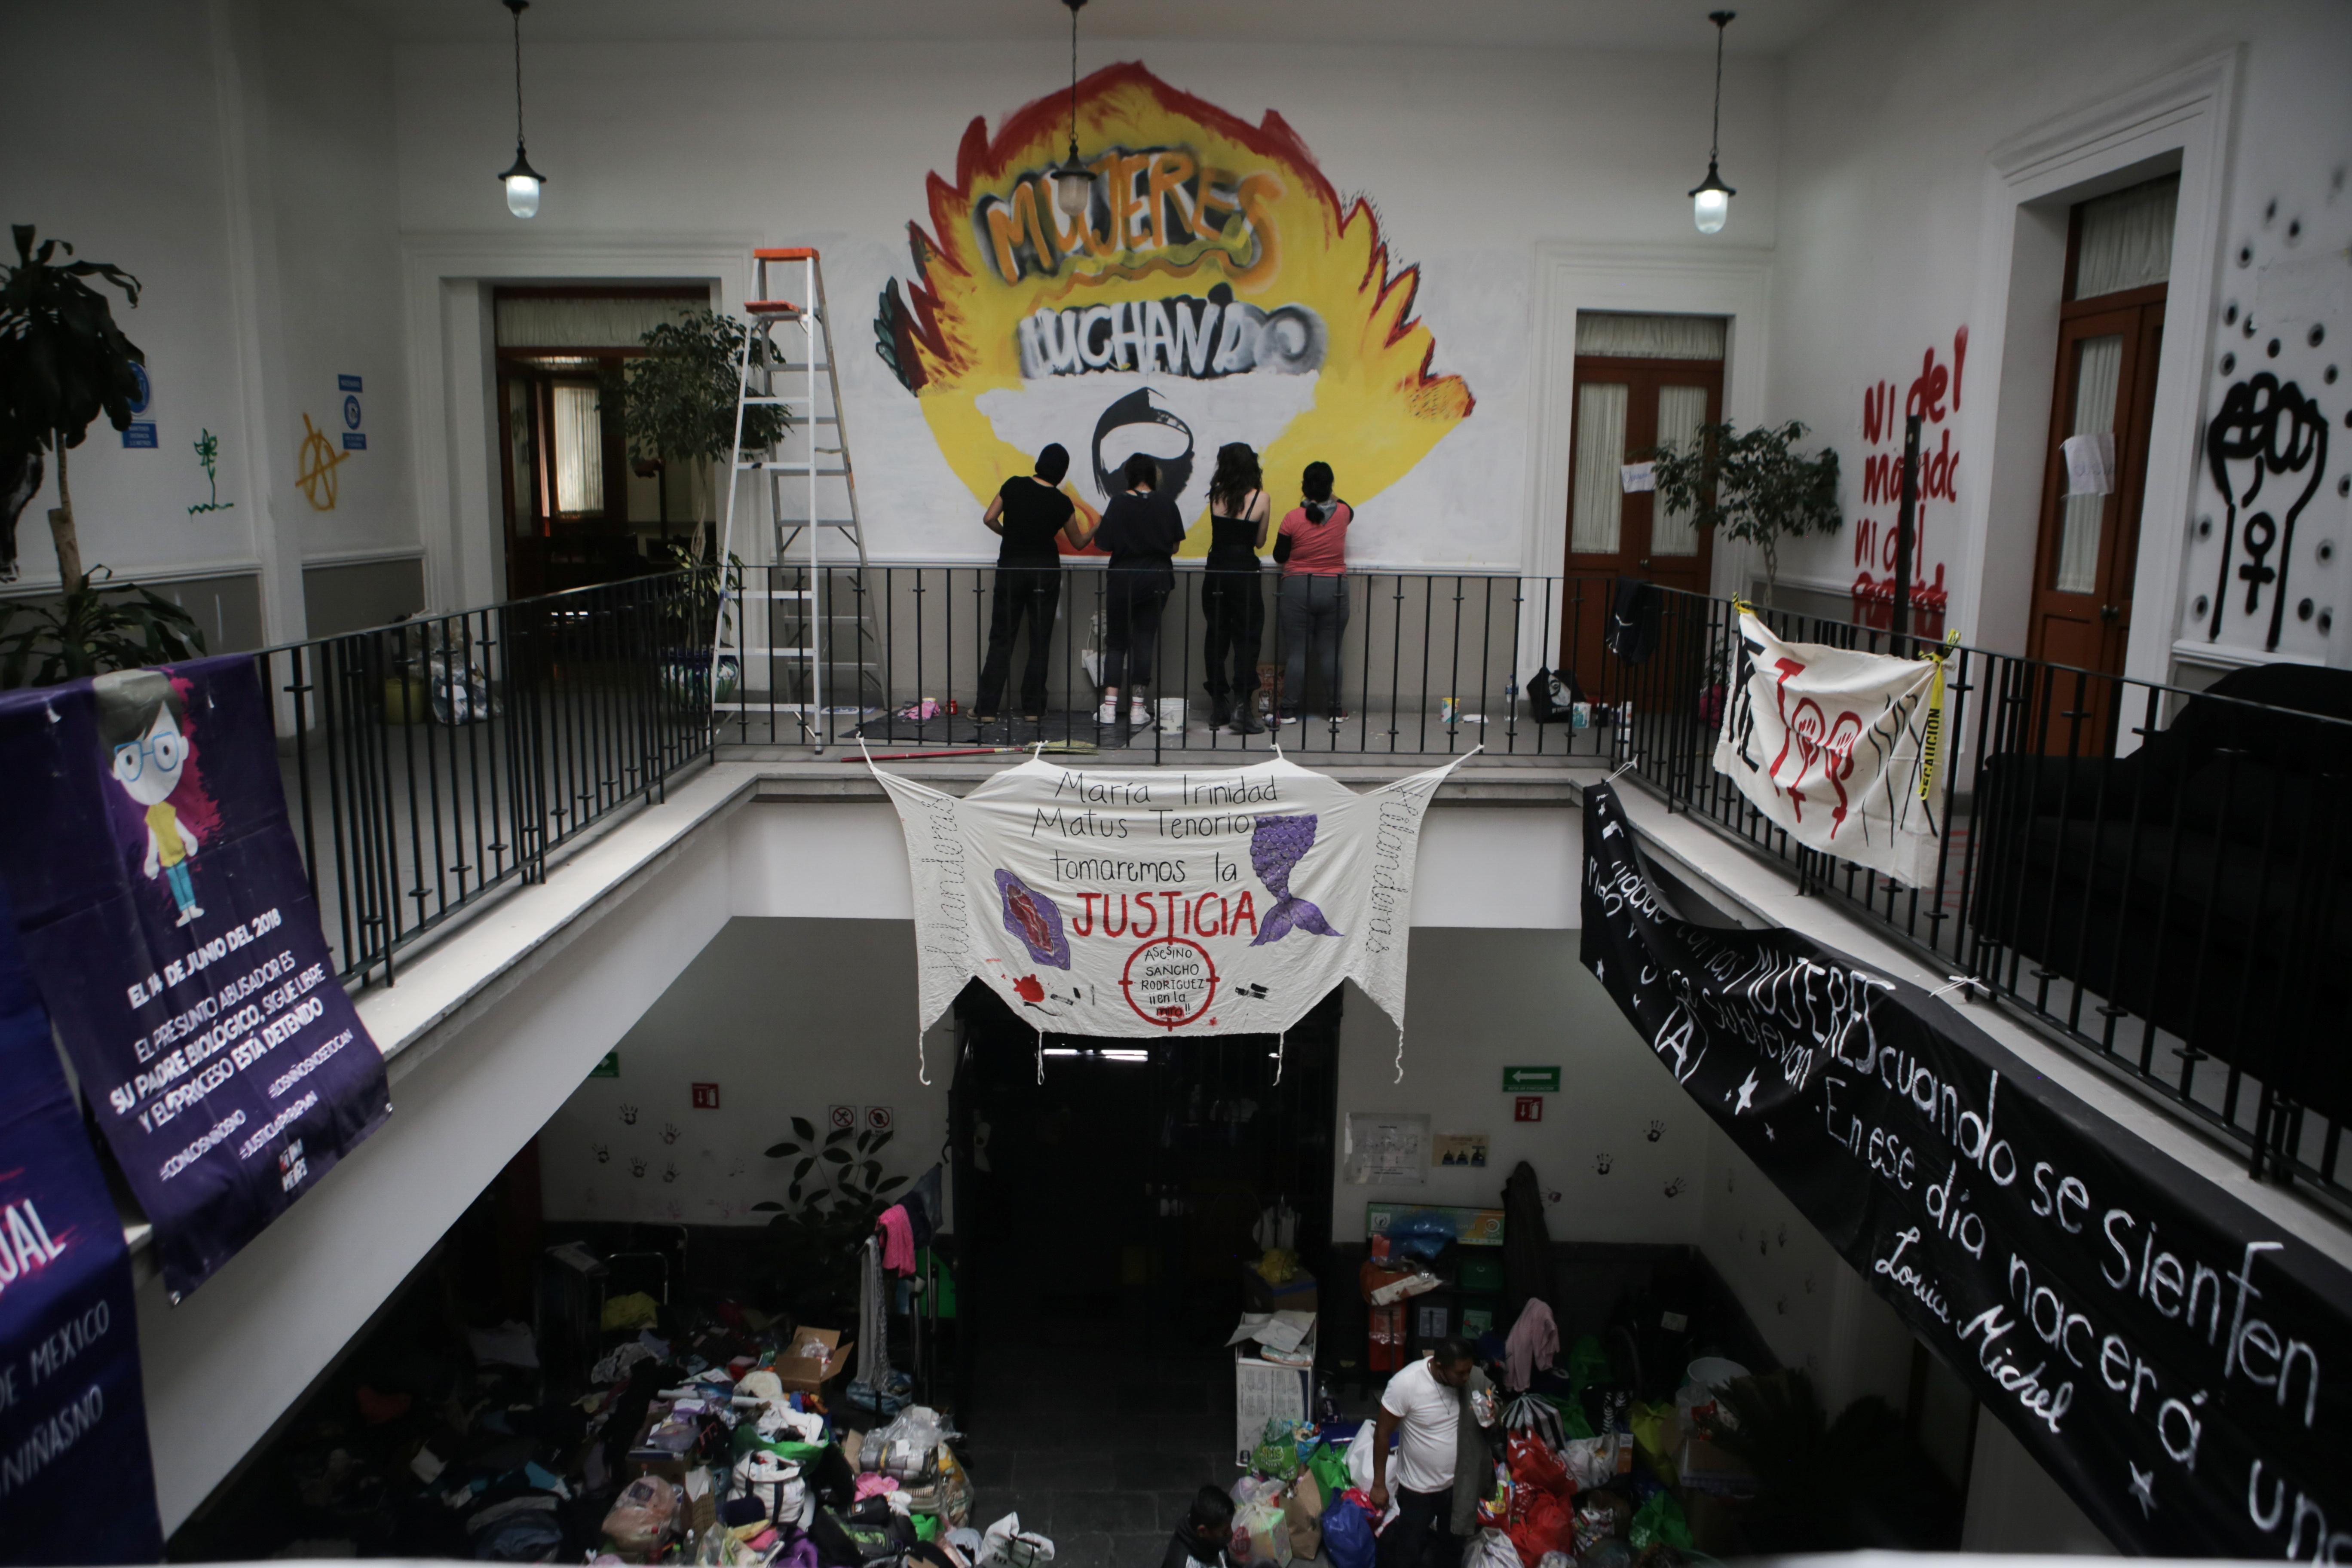 Miembro de un colectivo feminista pinta un graffiti dentro de las instalaciones del edificio de la Comisión Nacional de Derechos Humanos, en apoyo a víctimas de violencia de género, en la Ciudad de México, México, 10 de septiembre de 2020. Fotografía tomada el 10 de septiembre de 2020.